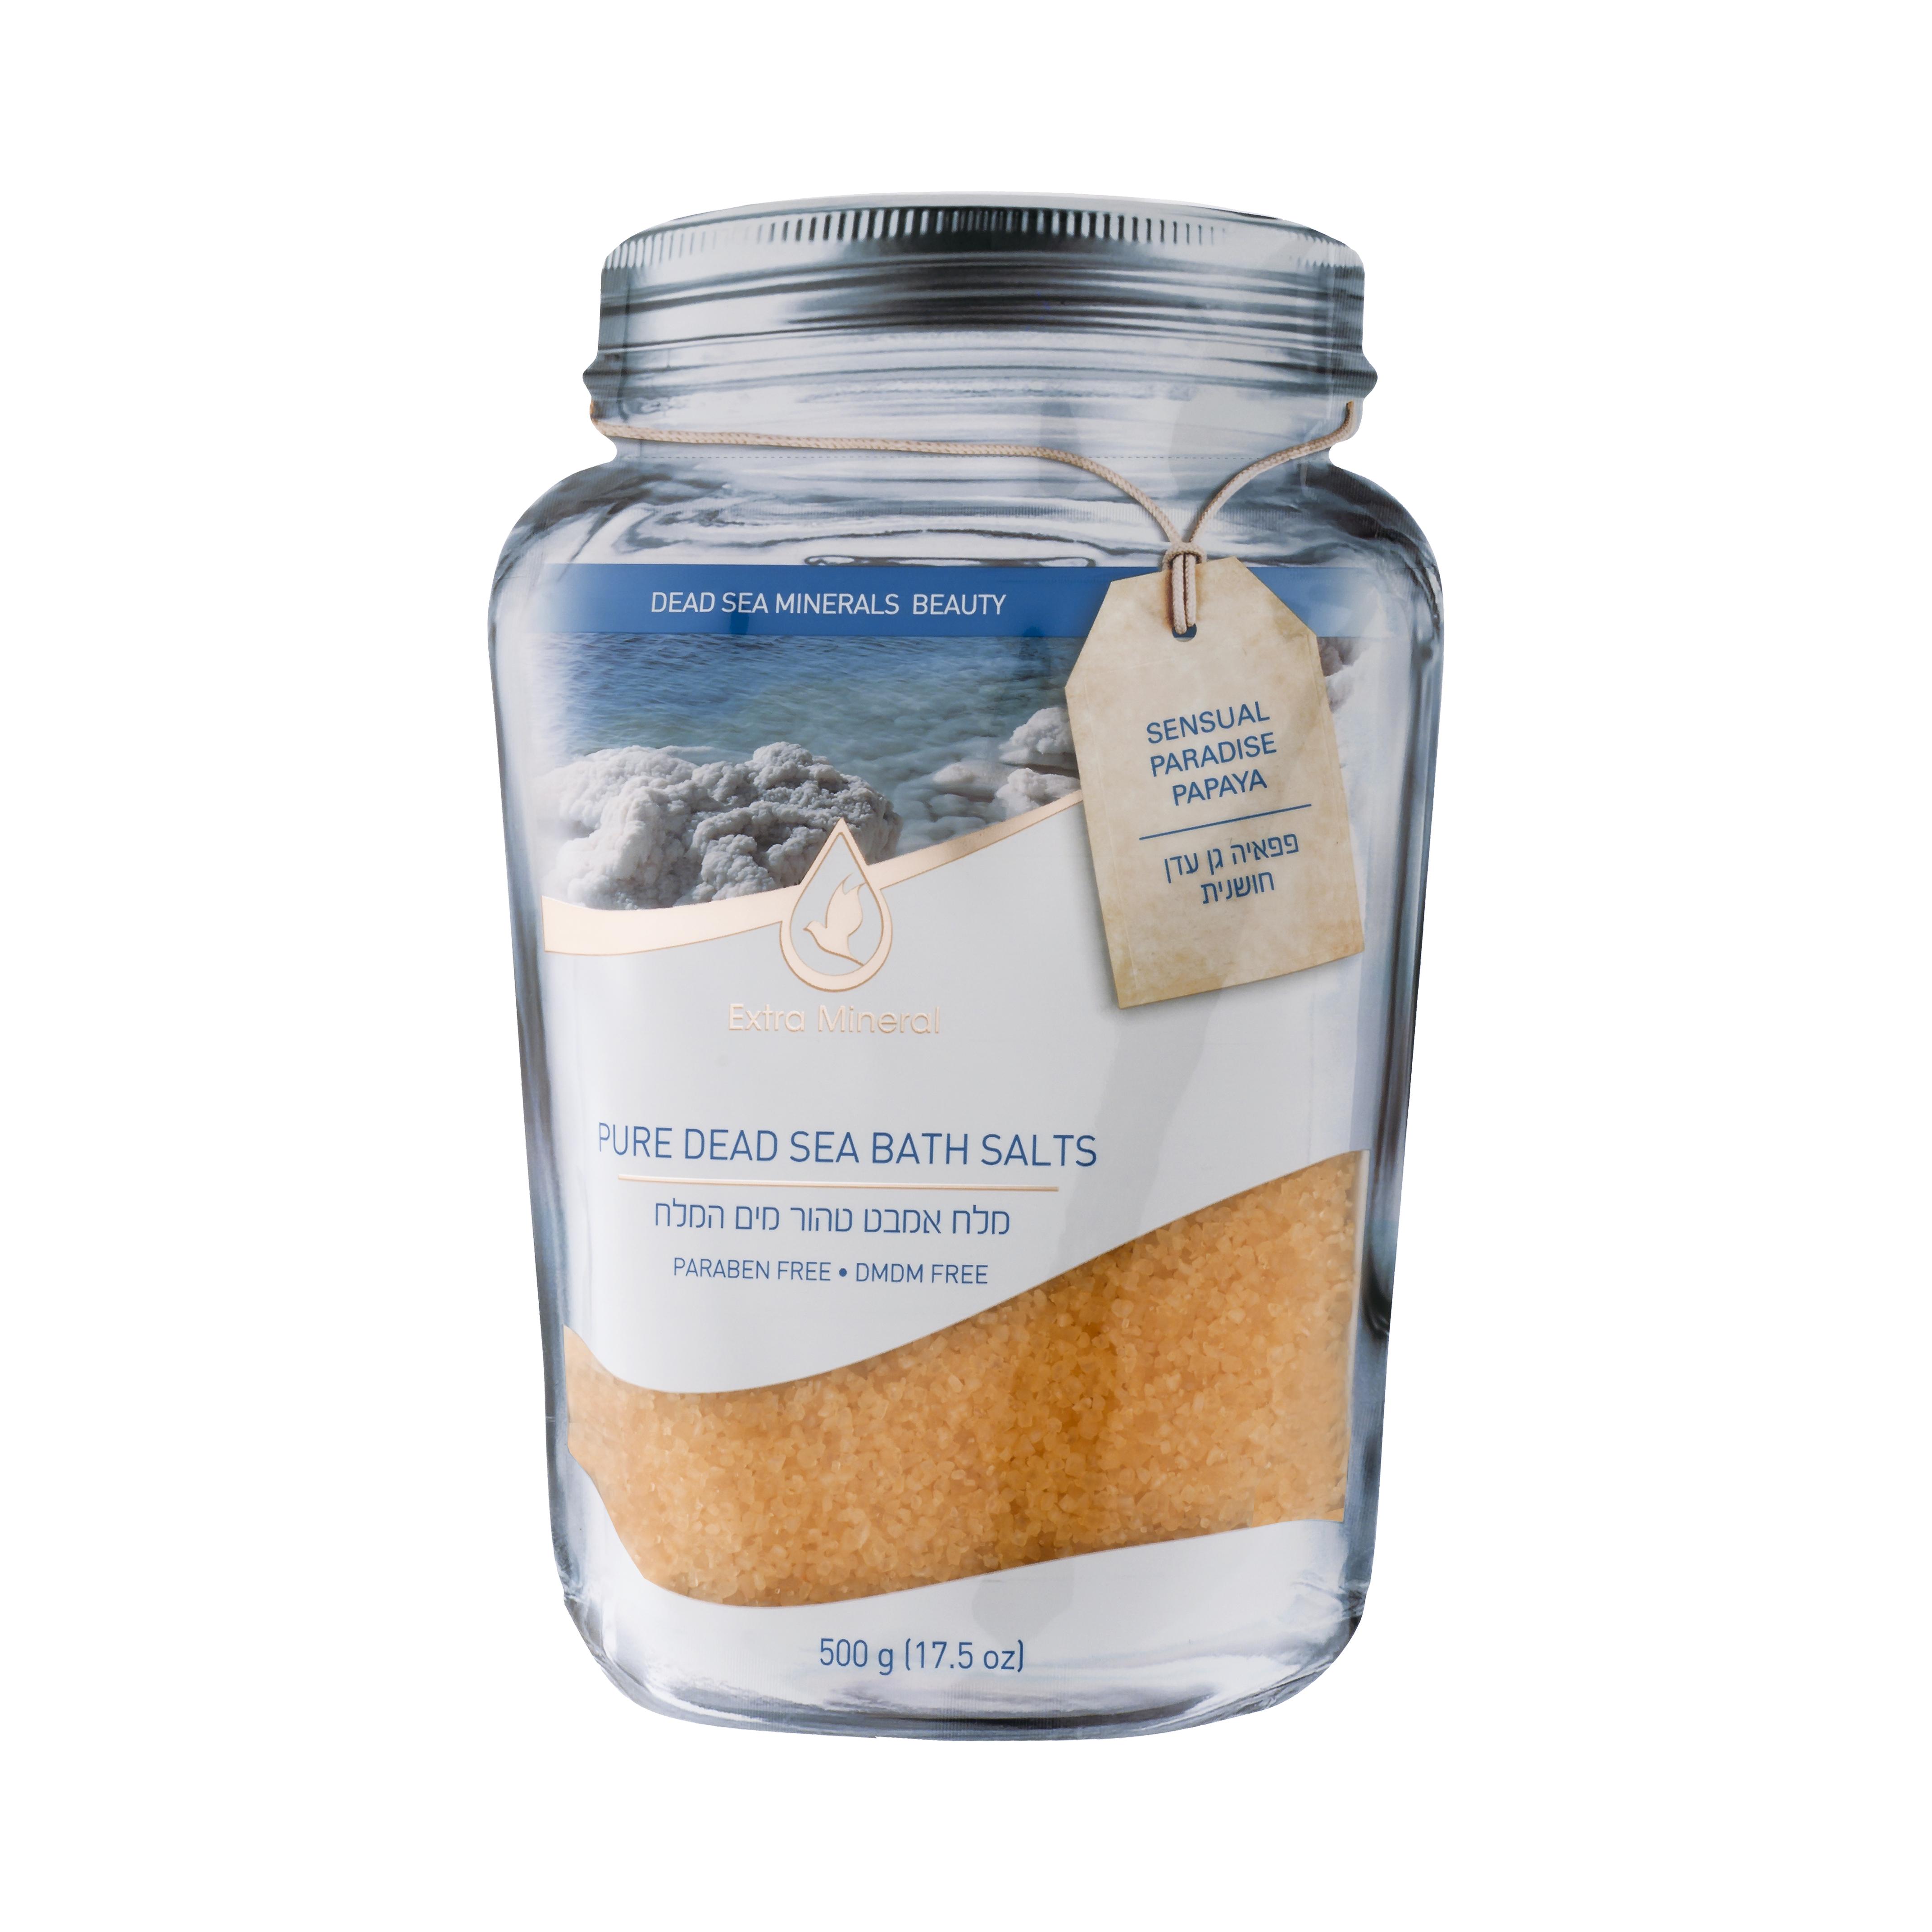 Extra Mineral Натуральная соль мертвого моря для ванн - чувственное с папайей 500 млFS-00897Соль Мертвого моря Extra Mineral. Чувственная райская папайя. 100% соль Мертвого моря, обогащенная минералами Мертвого моря с легким ароматом папайи - уникальный фруктовый аромат, мягкий и глубокий, чувственный и томный, неотразимо красочный, ласкающий, чудесный, экзотический, притягательный и невероятный пробудит желание и подарит истинное наслаждение. Соль Мертвого моря благотворно влияет на кожу и организм в целом, питая кожу минералами Мертвого моря, снимая напряжение в мышцах, органах, расслабляя и погружая в томную негу. Позвольте себе испытать ощущение полного расслабления на волшебном берегу Мертвого моря. Уникальная упаковка позволяет открывать и закрывать тубу многократно, сохраняя полезные свойства и аромат соли Мертвого моря Extra Mineral.